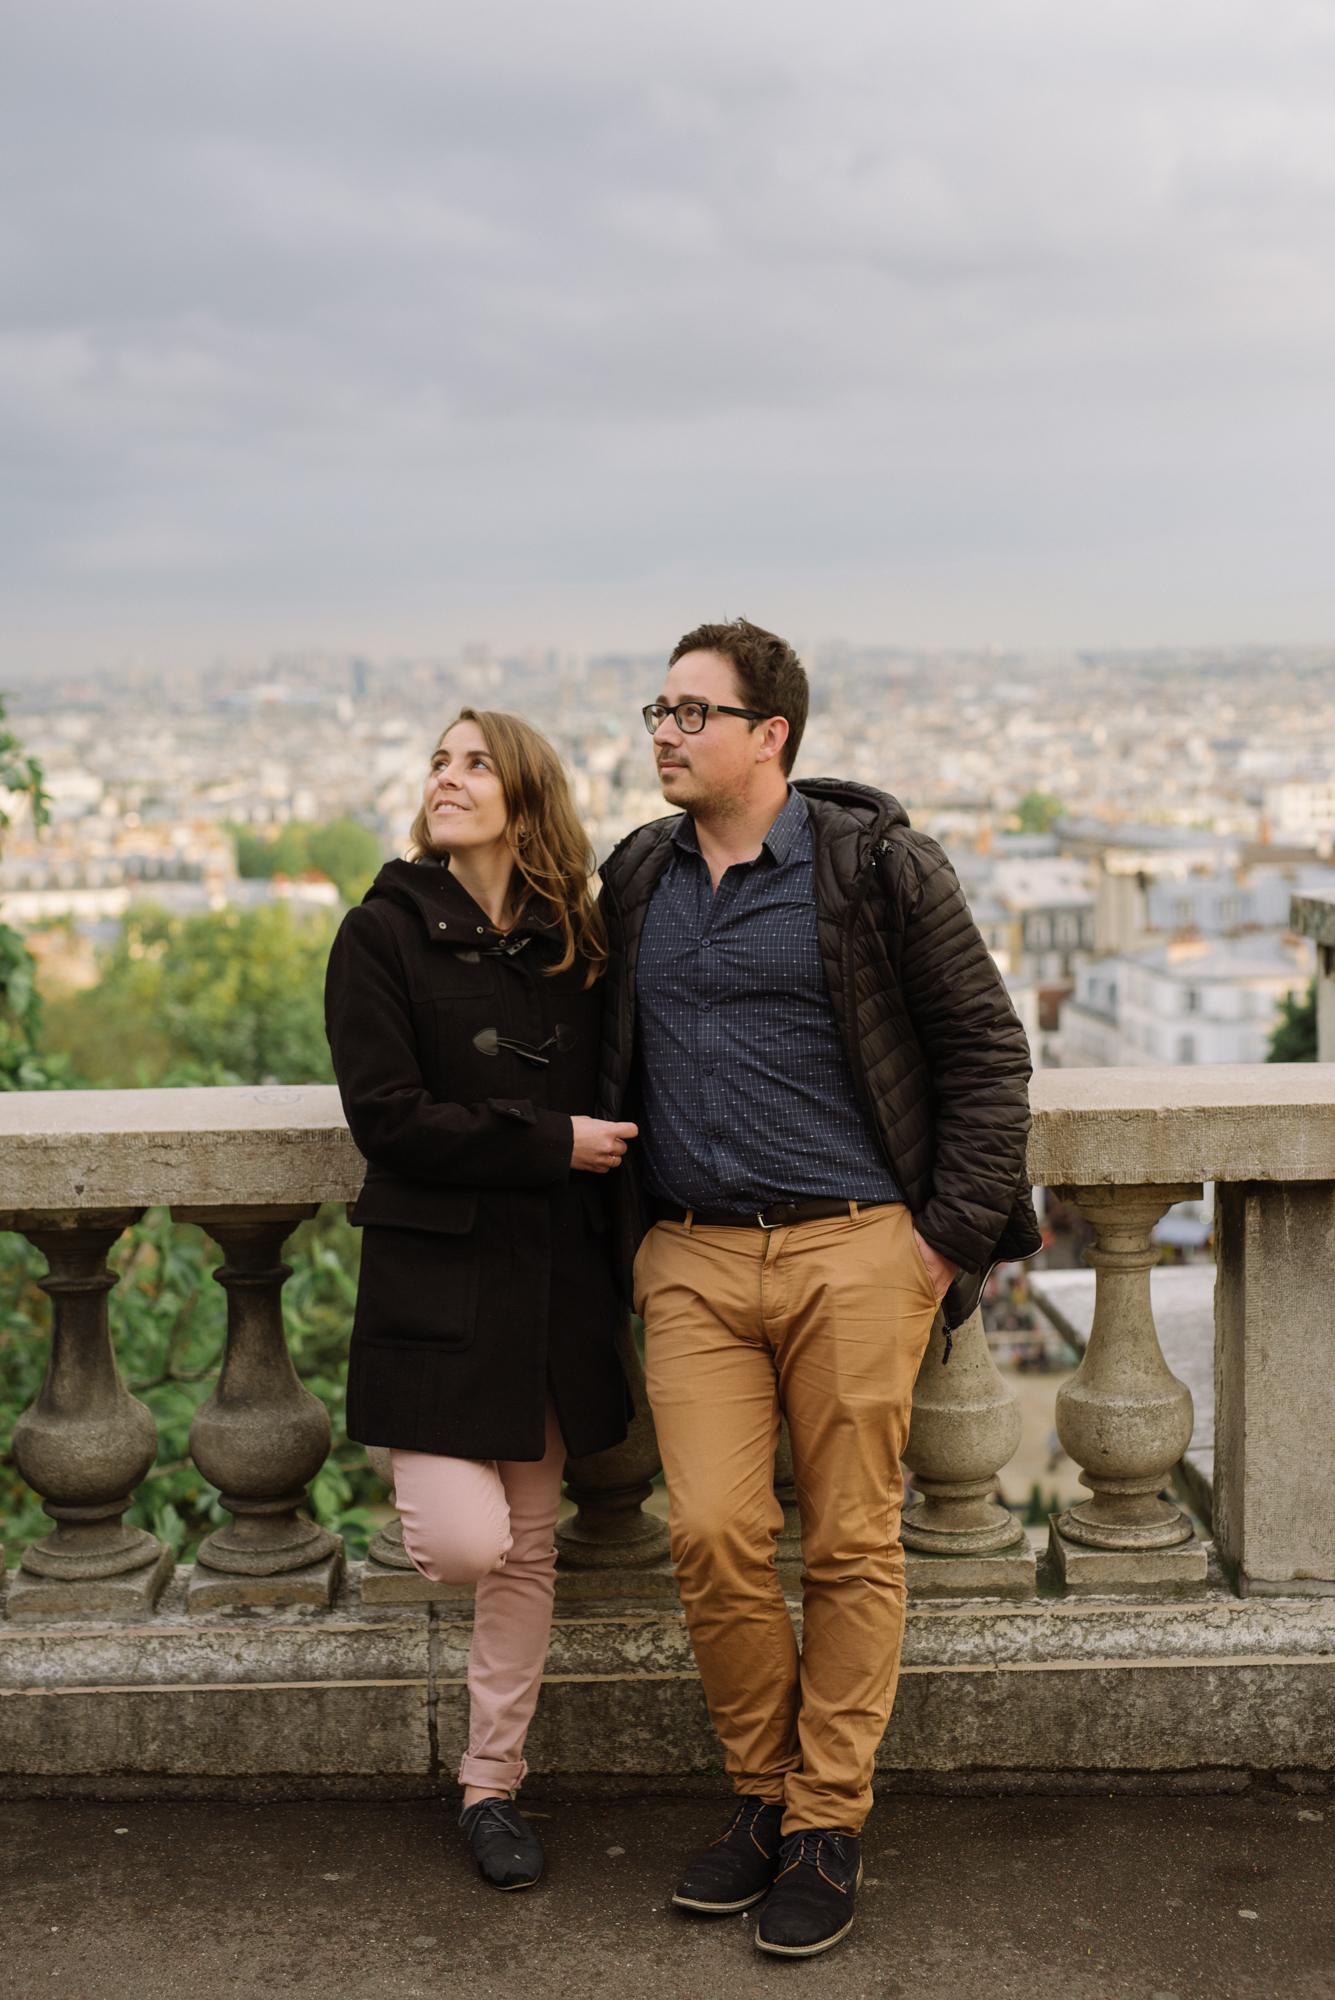 Photographe-mariage-bretagne-finistere-brest-quimper-morlaix-wedding-evenement-famille-couple-professionnel-Paris